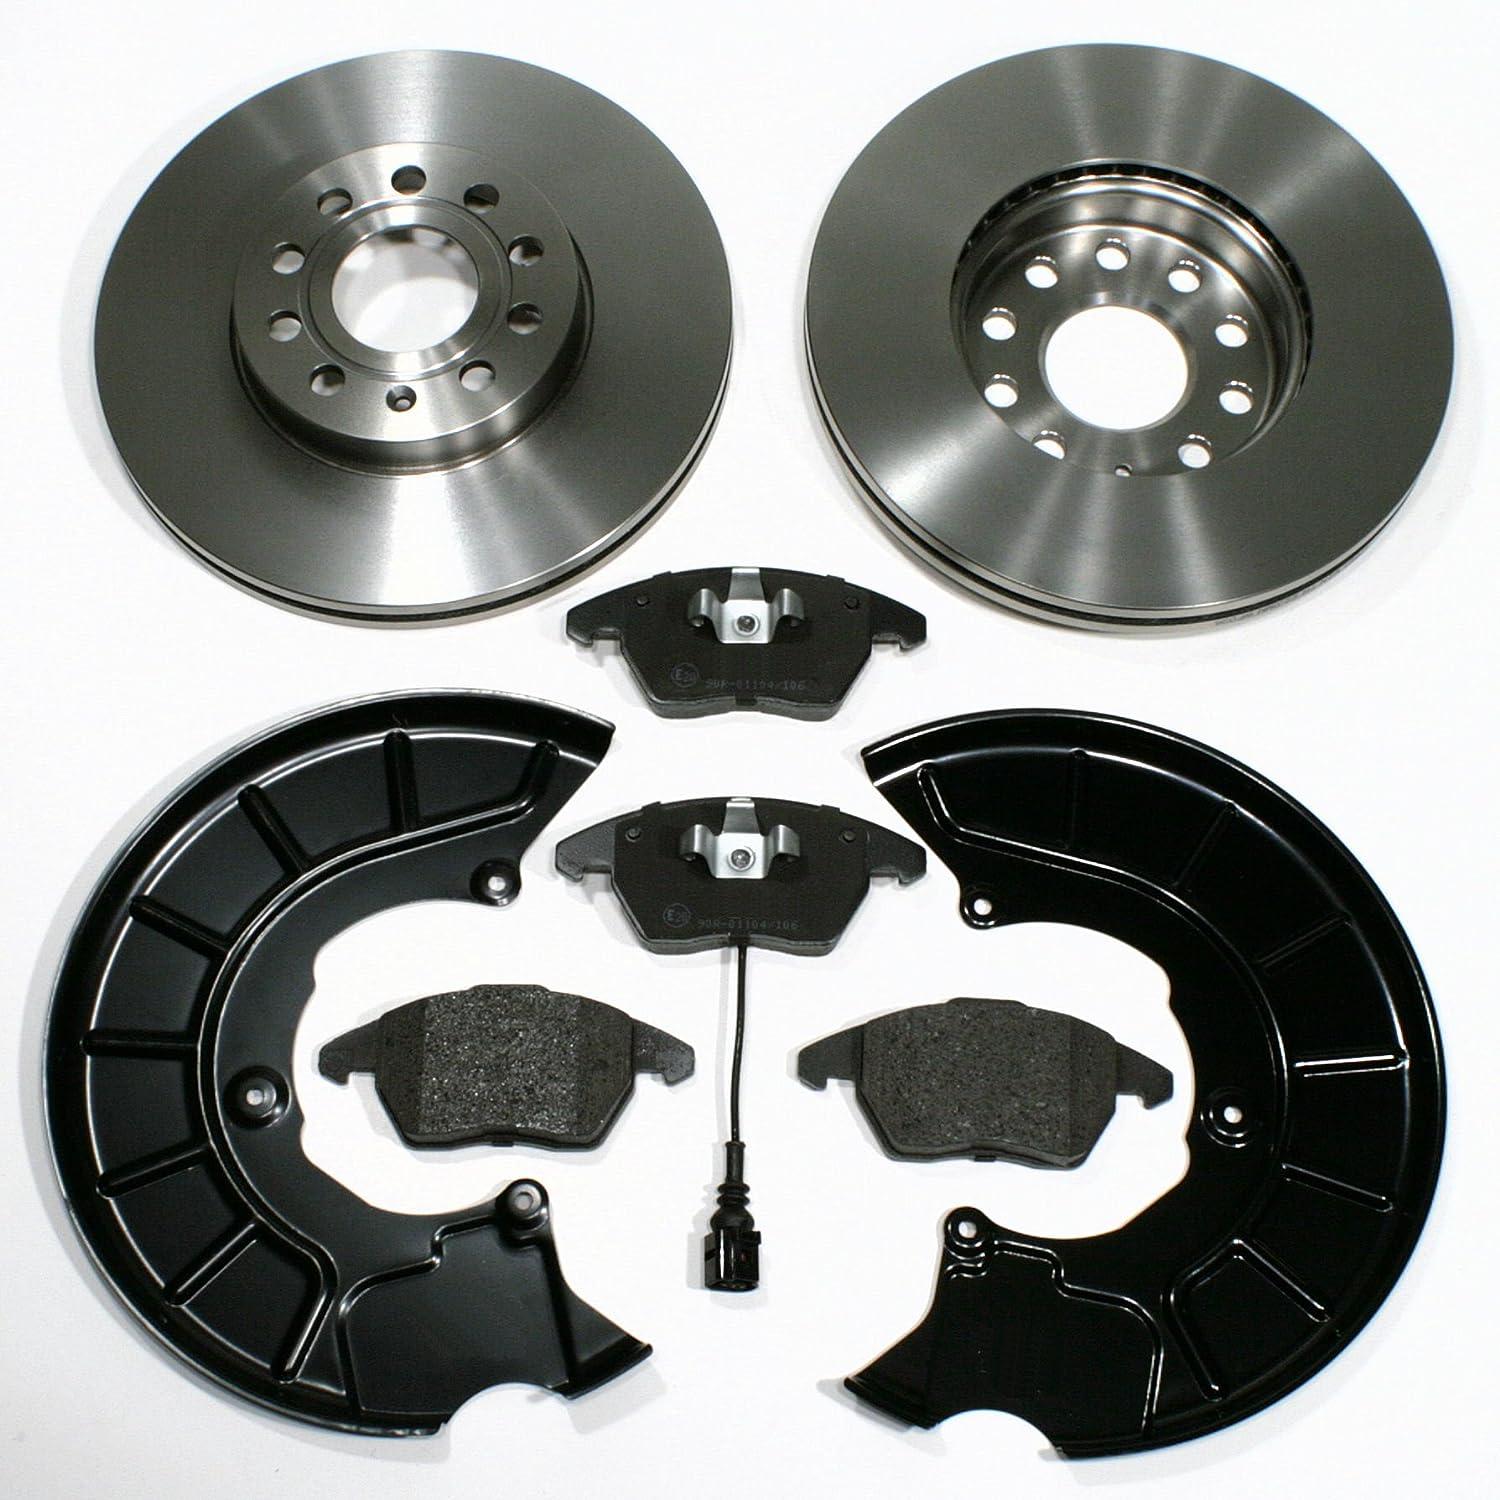 Spritzbleche f/ür vorne//f/ür die Vorderachse Bremsbel/äge Warnkabel Bremsscheiben /Ø 300 mm//Bremsen 1LB